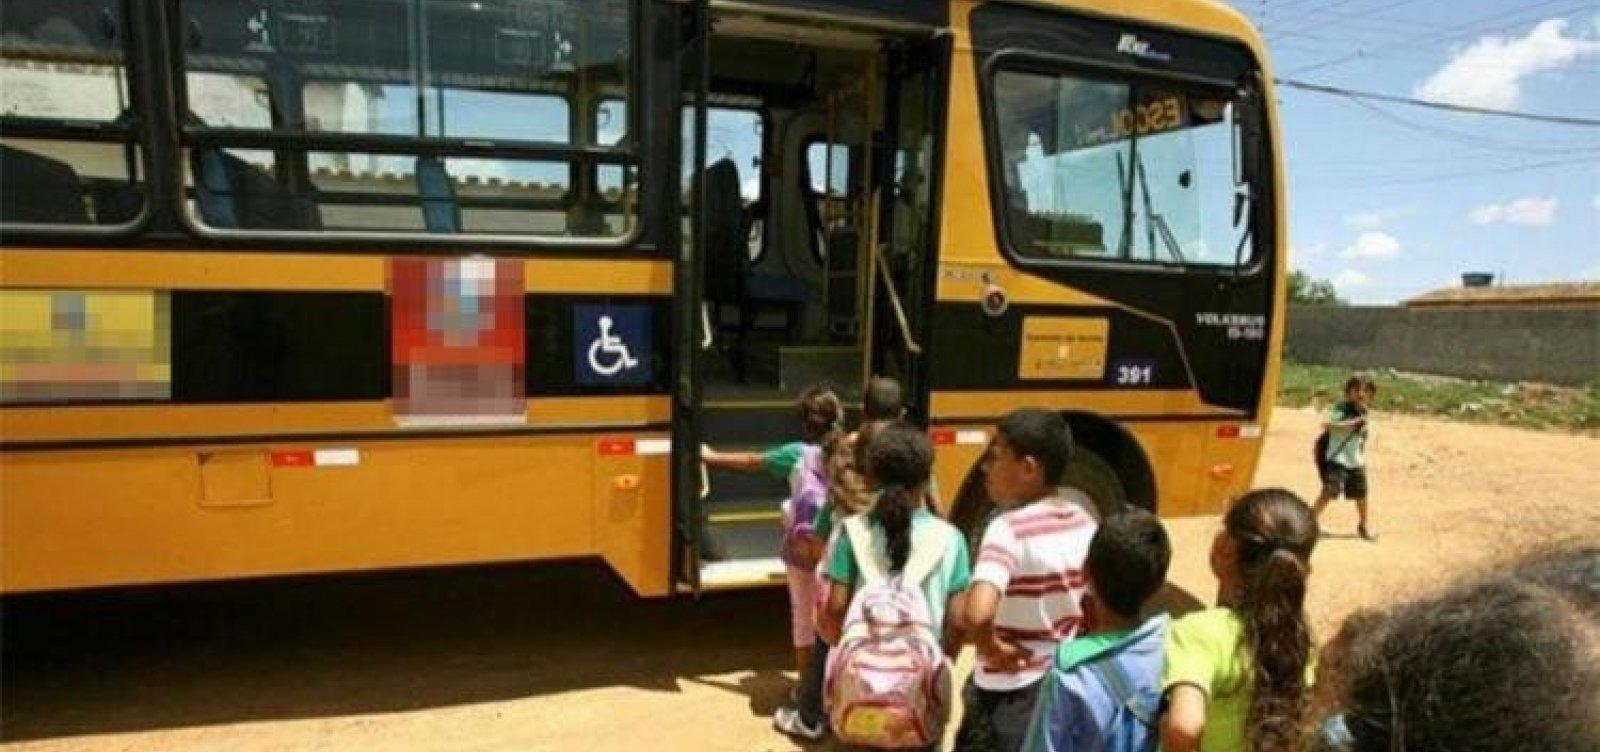 Prefeitura de Wandreley reconhece irregularidades no transporte escolar e firma acordo com MPF para restituir valores